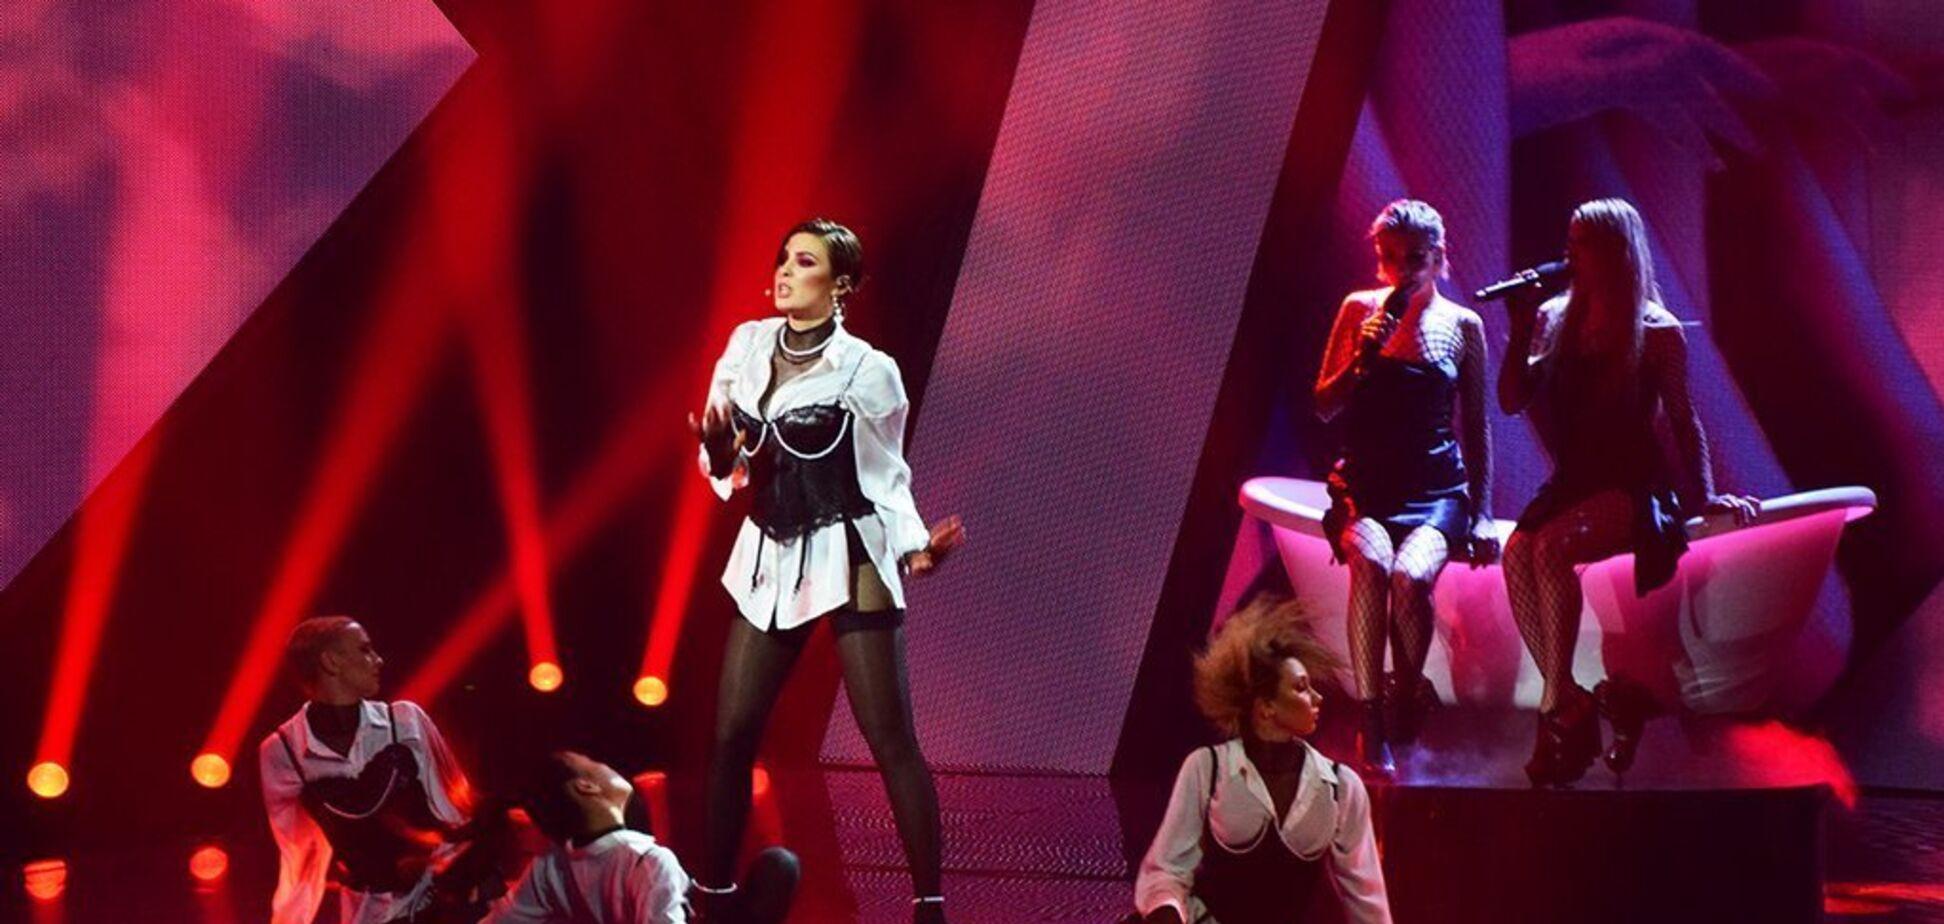 'Есть 24 часа': MARUV может не поехать на Евровидение из-за России